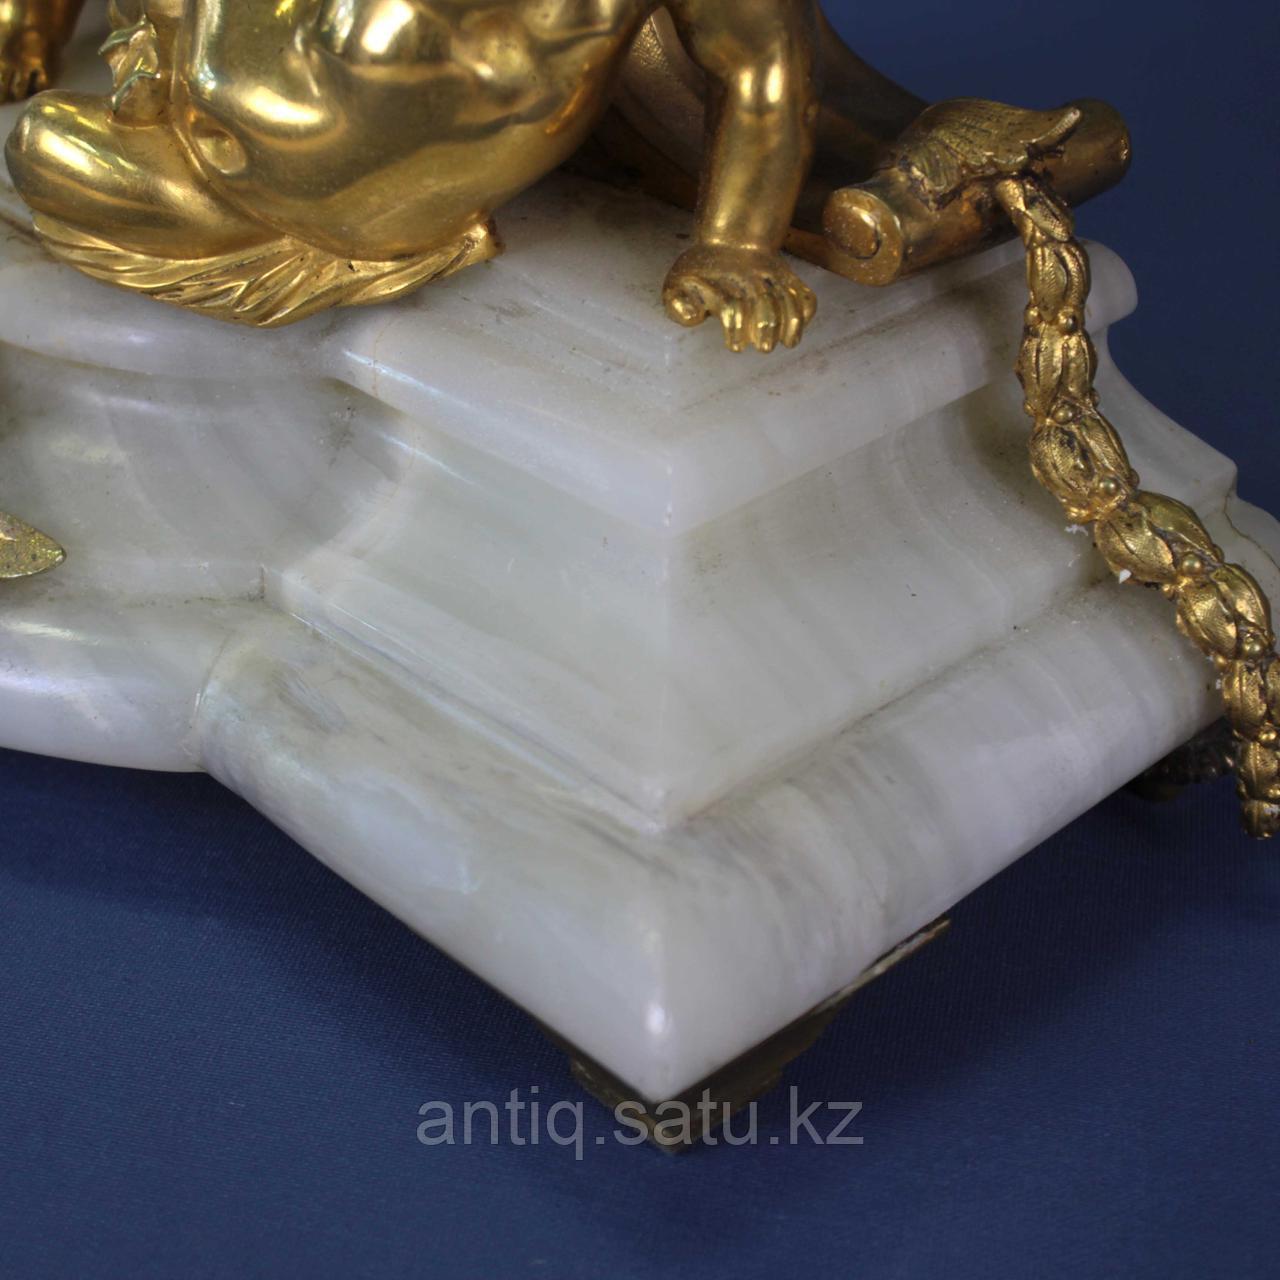 Каминные часы в стиле Людовика XVI. Часовая мастерская Miroy Freres - фото 3